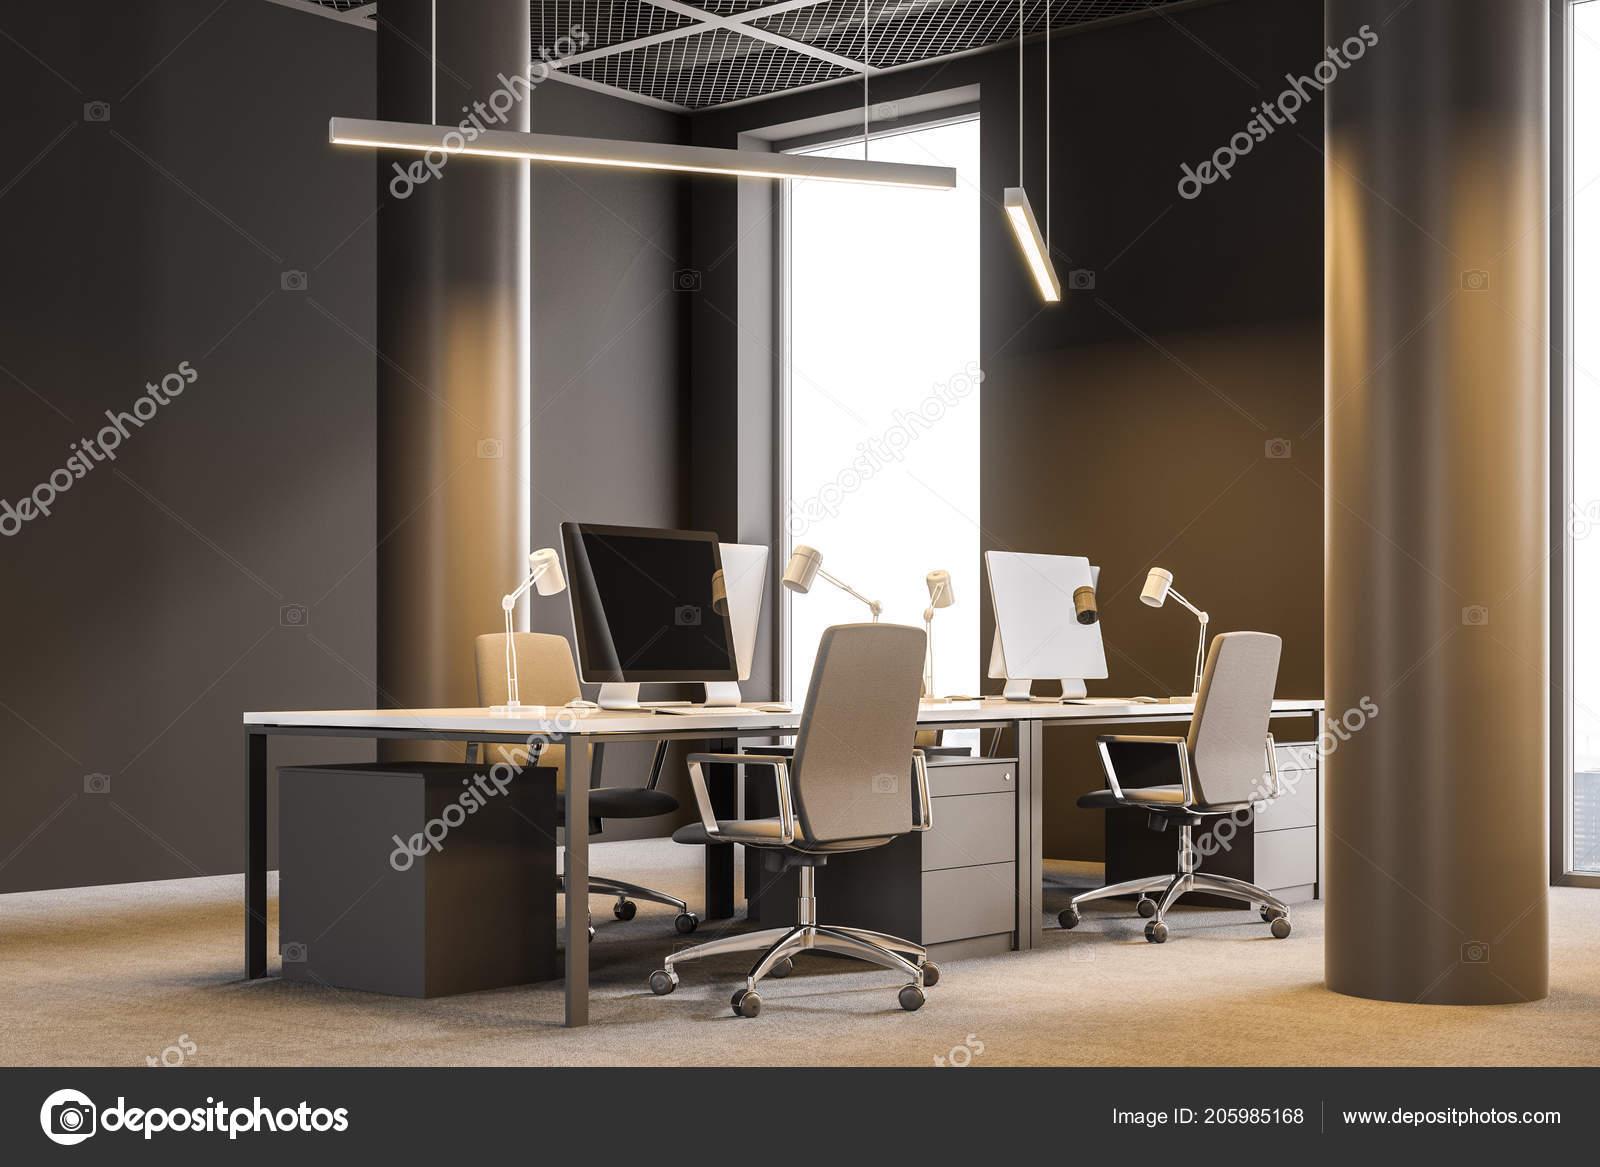 Scrivania Angolo Ufficio : Angolo ufficio azienda consulenza moderno con pareti marroni